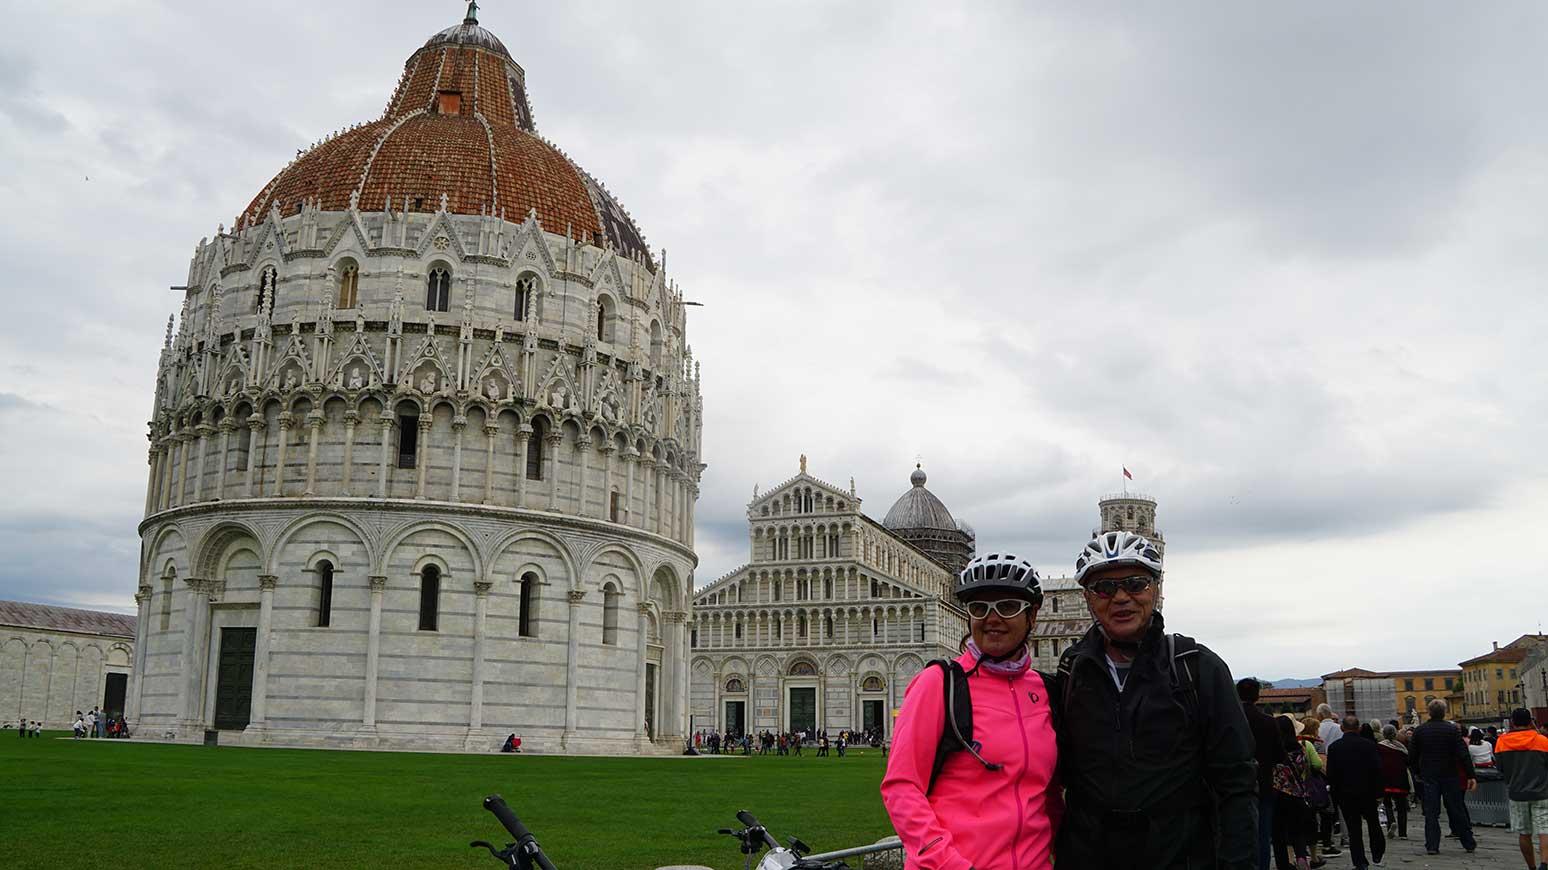 Toskana Radreise: Schon bei der ersten Tour erreichen wir entspannt dank E-Bikes das Traumziel Pisa